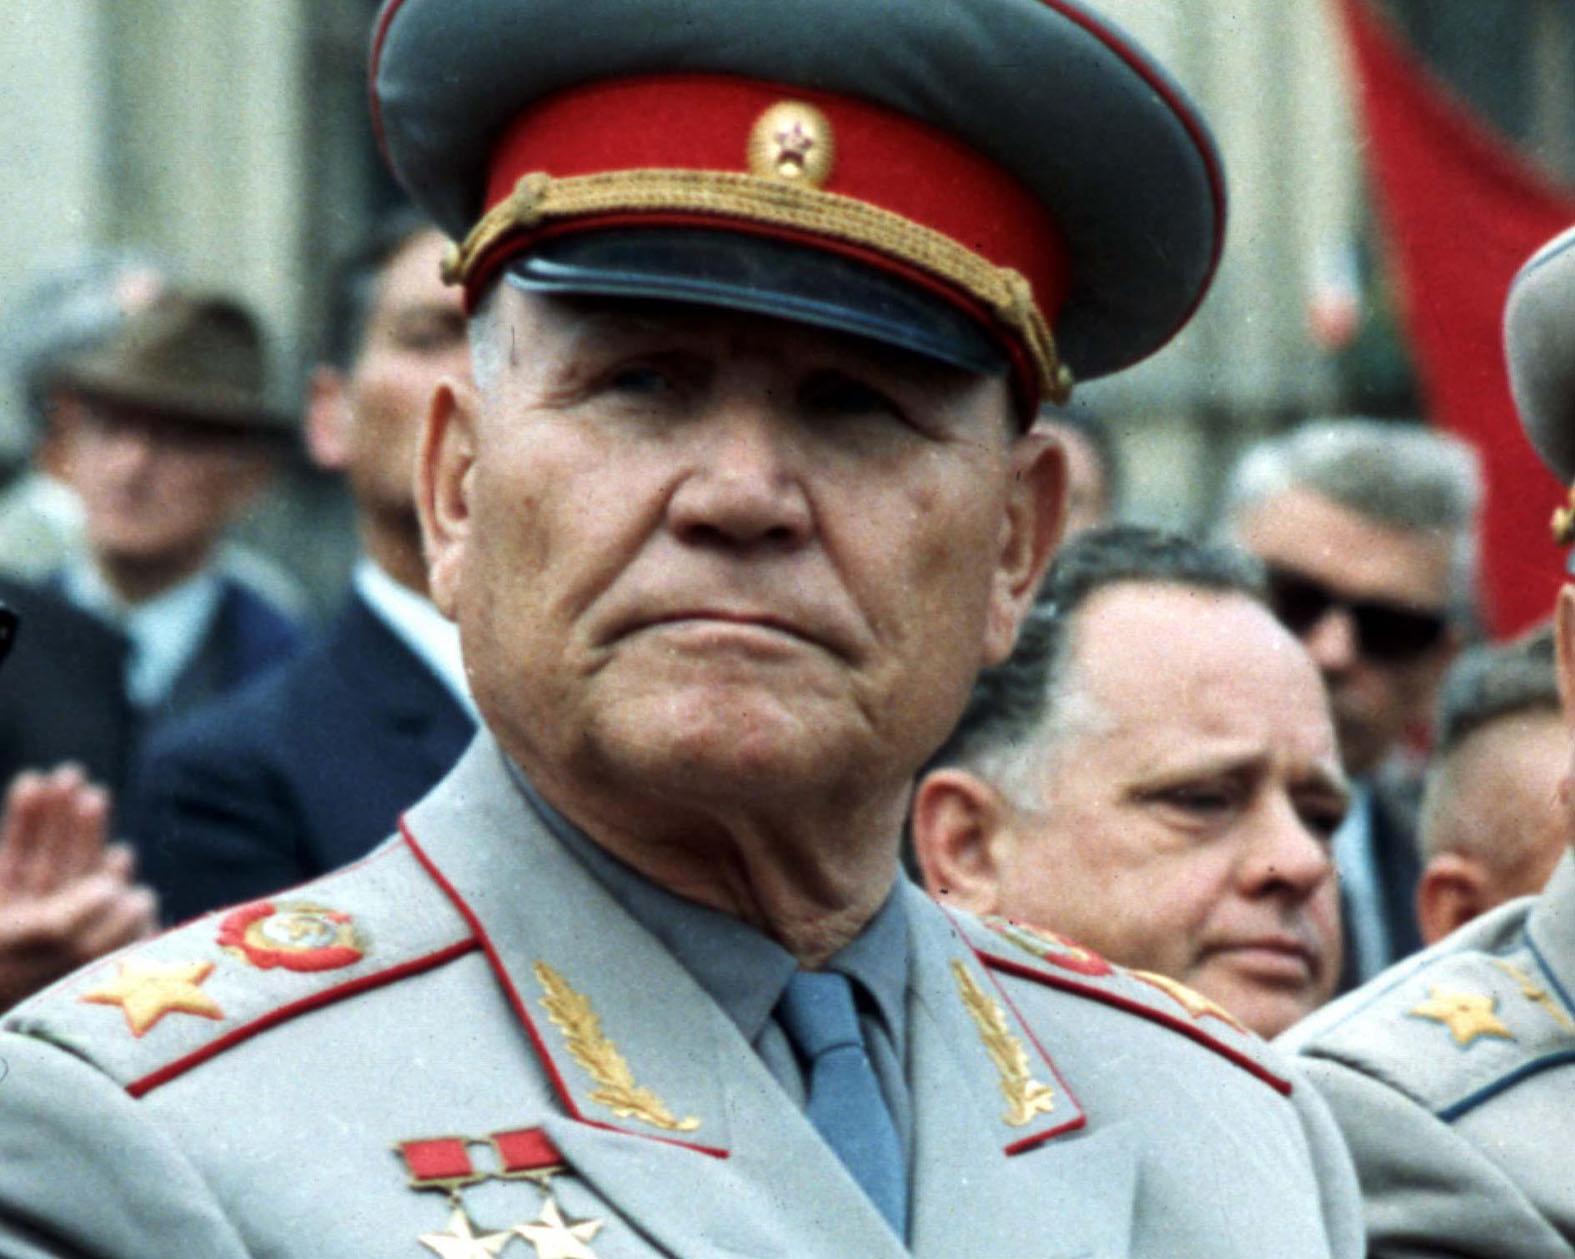 Мировая банда уголовников: Путин и Шойгу впервые отрезвили Запад